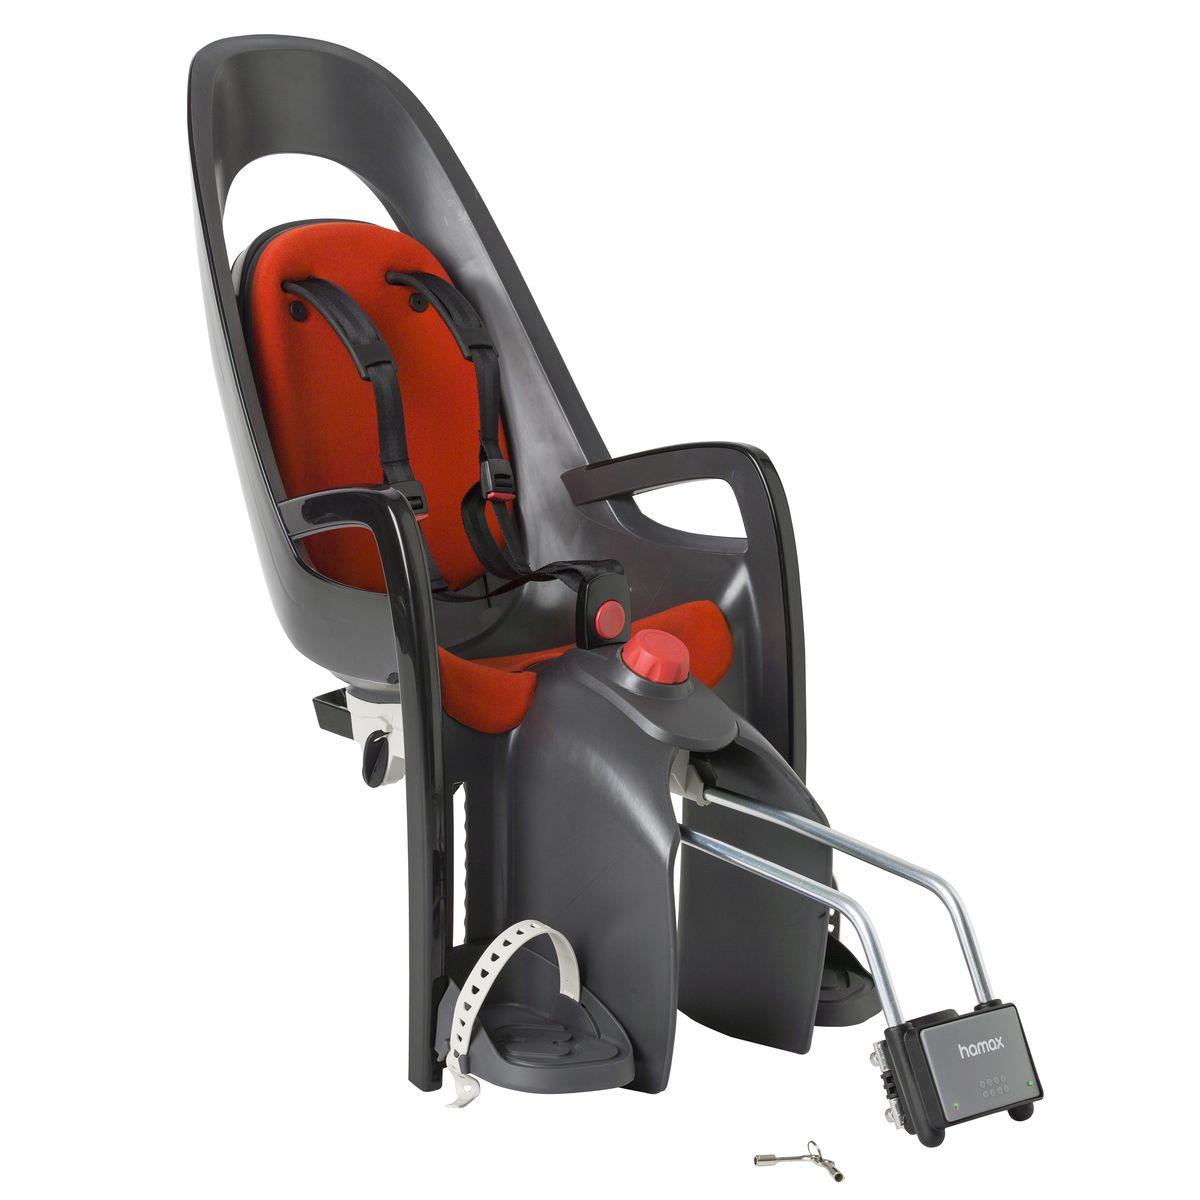 Детское кресло Hamax Caress W/Lockable Bracket, цвет: серый, красный12080402Кресло для перевозки детей